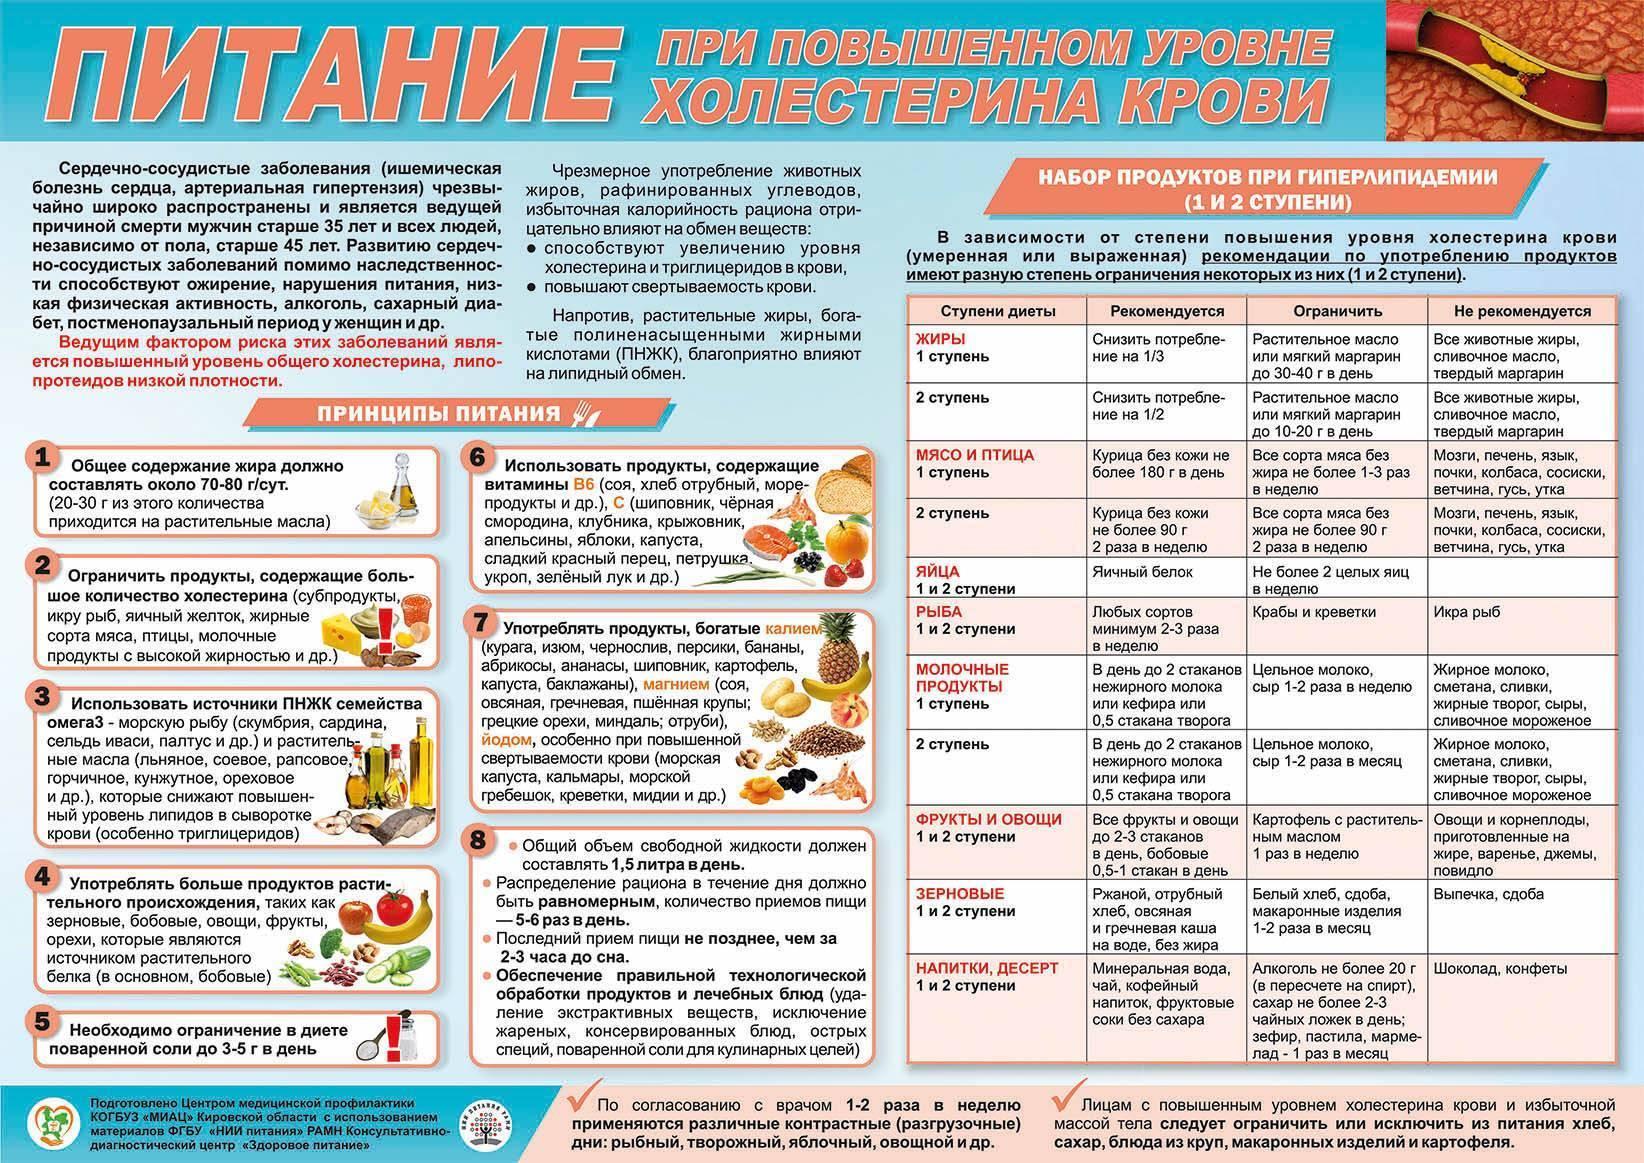 Сладости, которые можно есть при повышенном холестерине